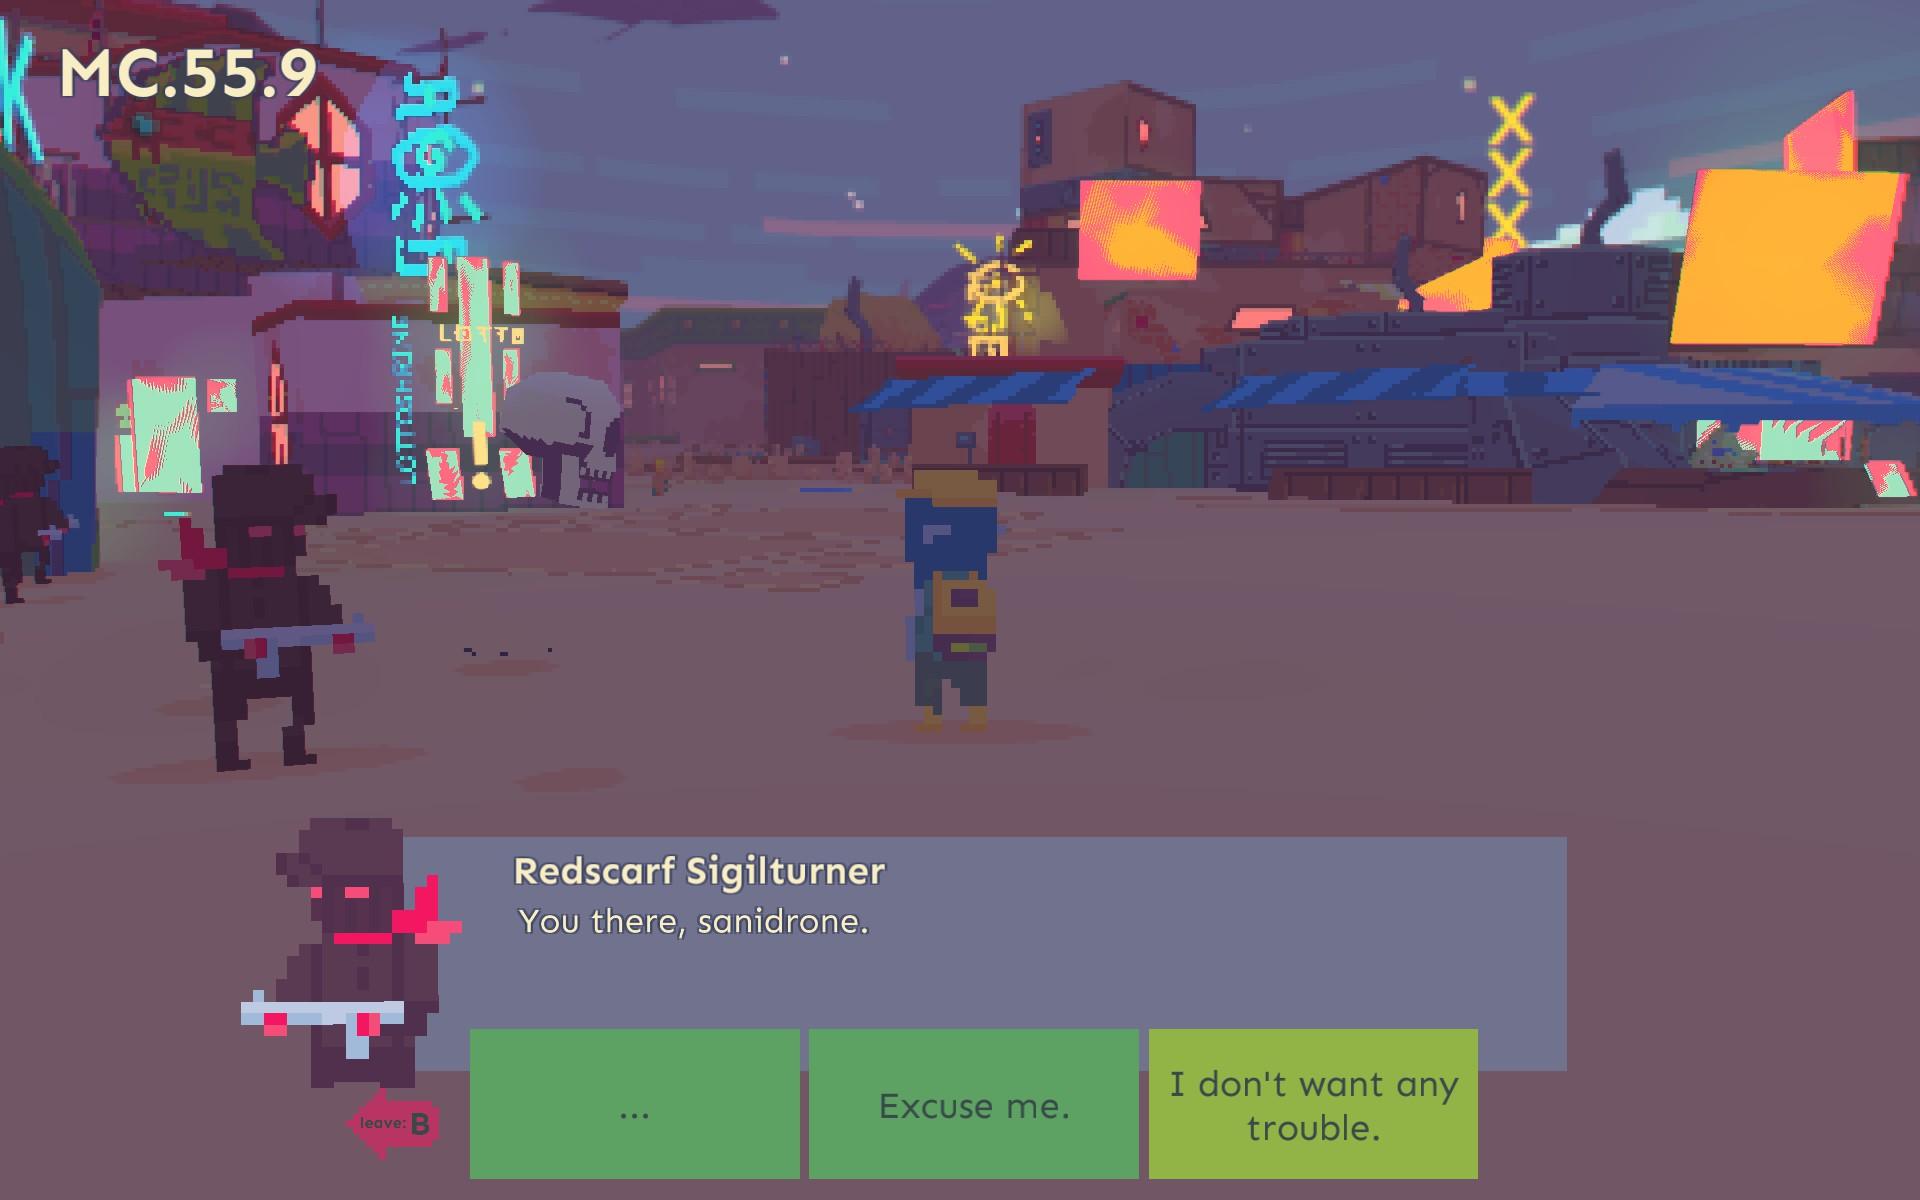 diariesofaspaceportjanitor25 - Gameranx